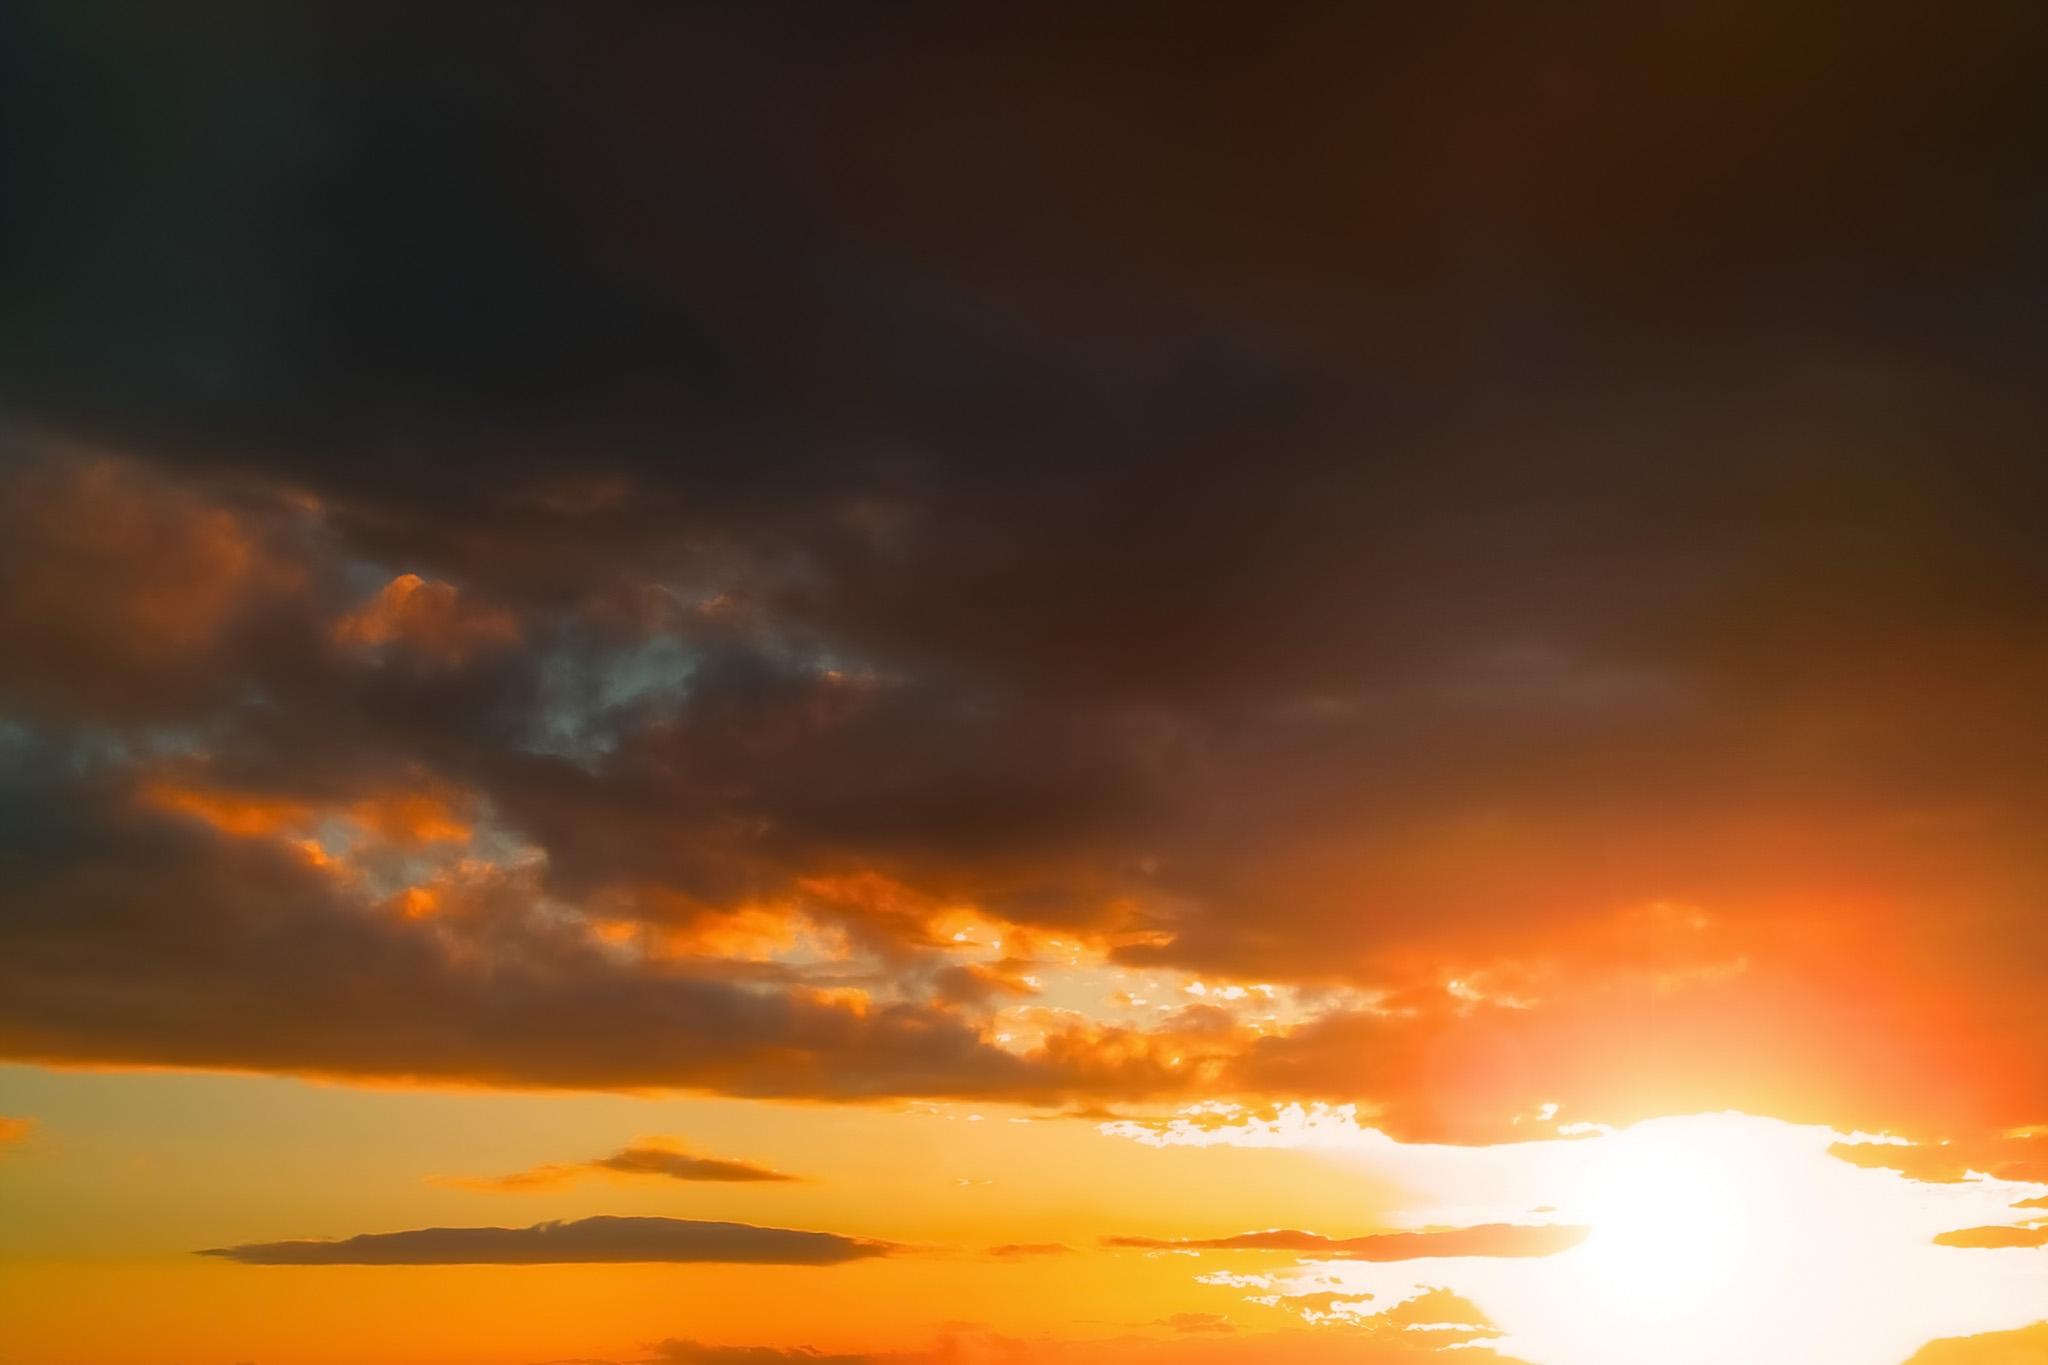 「沈む夕日と夕焼けに焦げた雲」